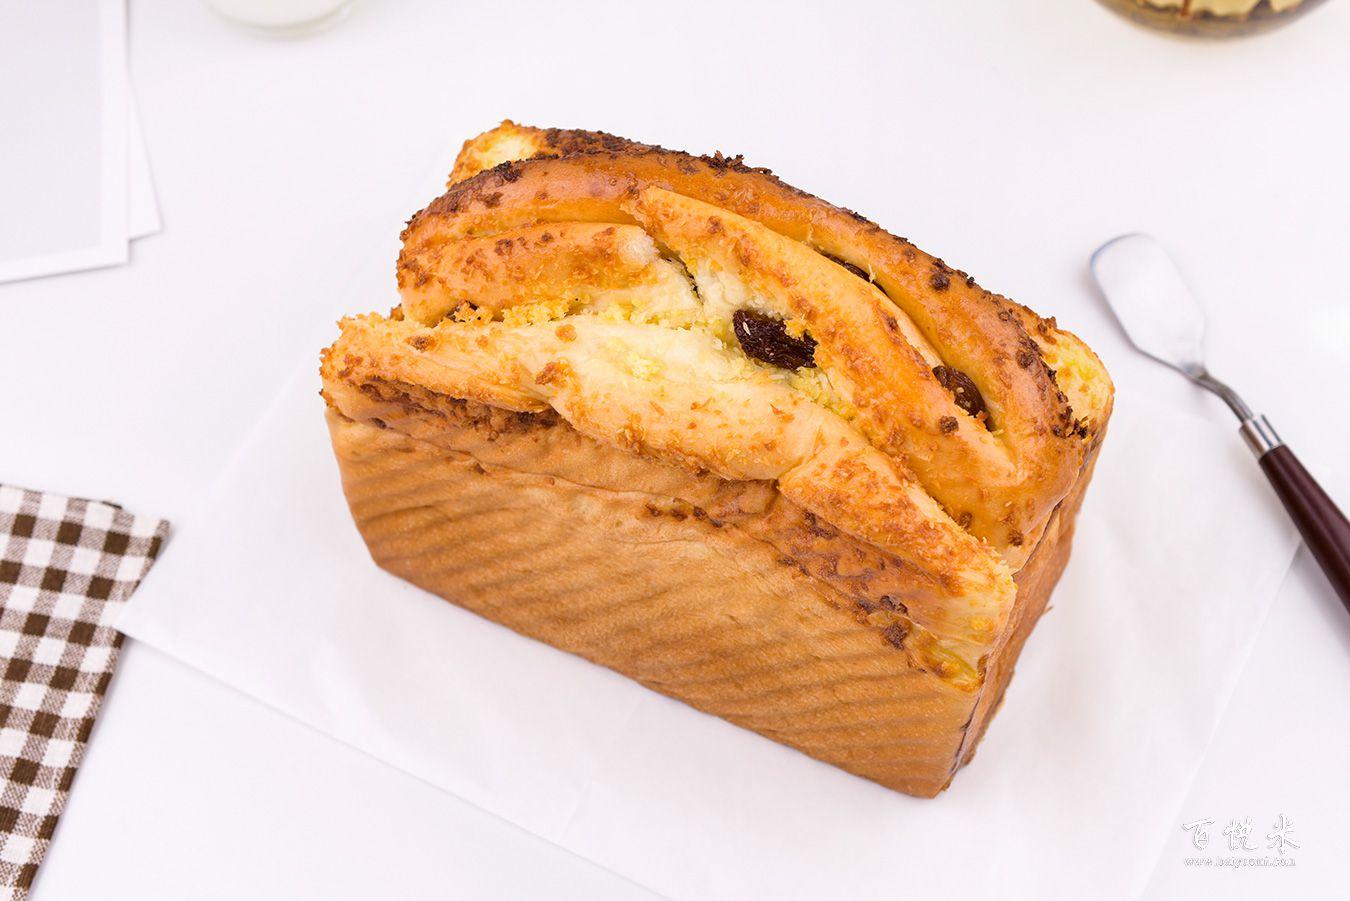 椰蓉吐司的高清图片大全【蛋糕图片】_299